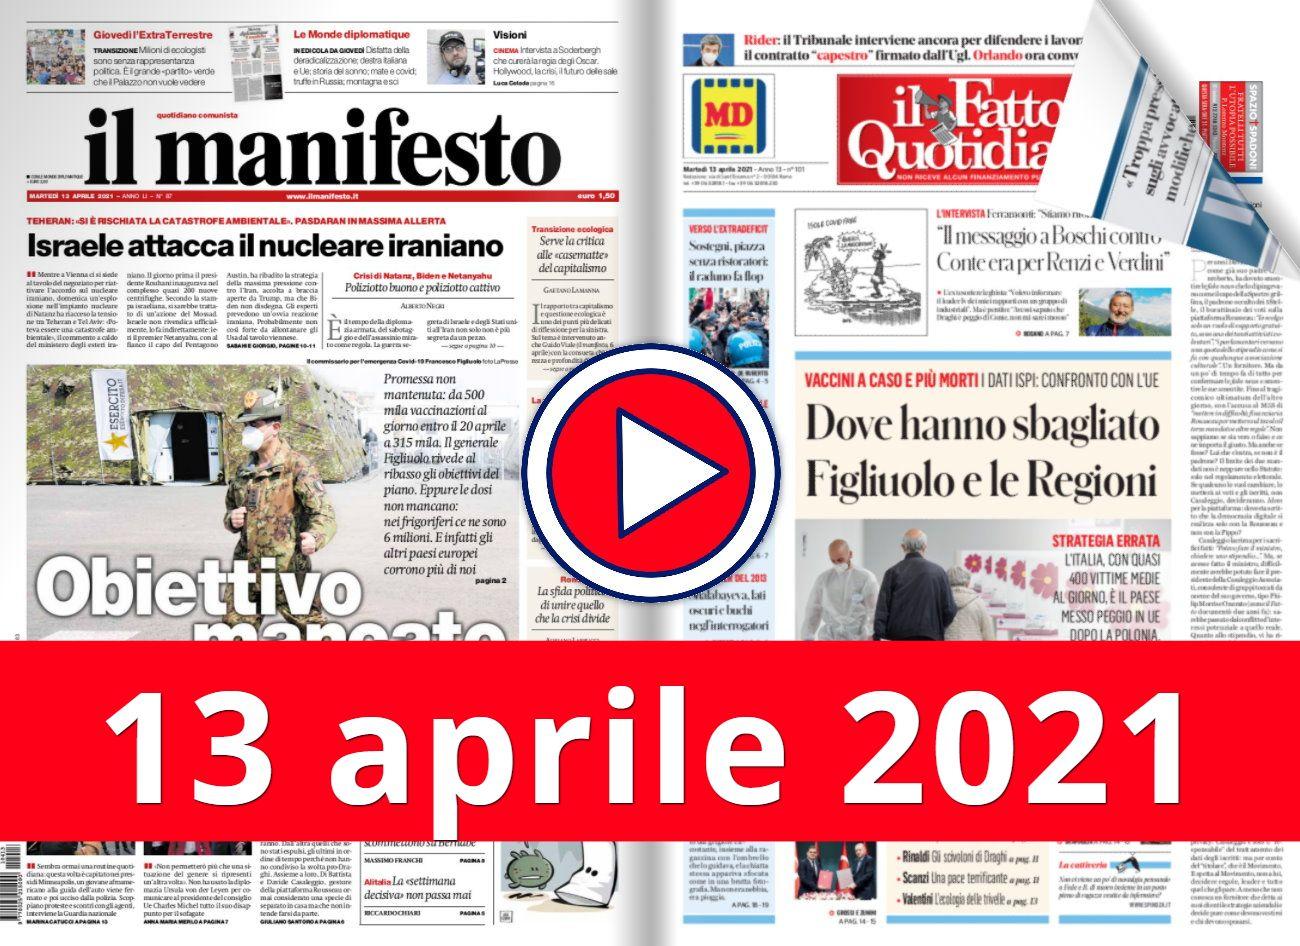 La video rassegna stampa del 13 aprile 2021 sabato, prime in pdf